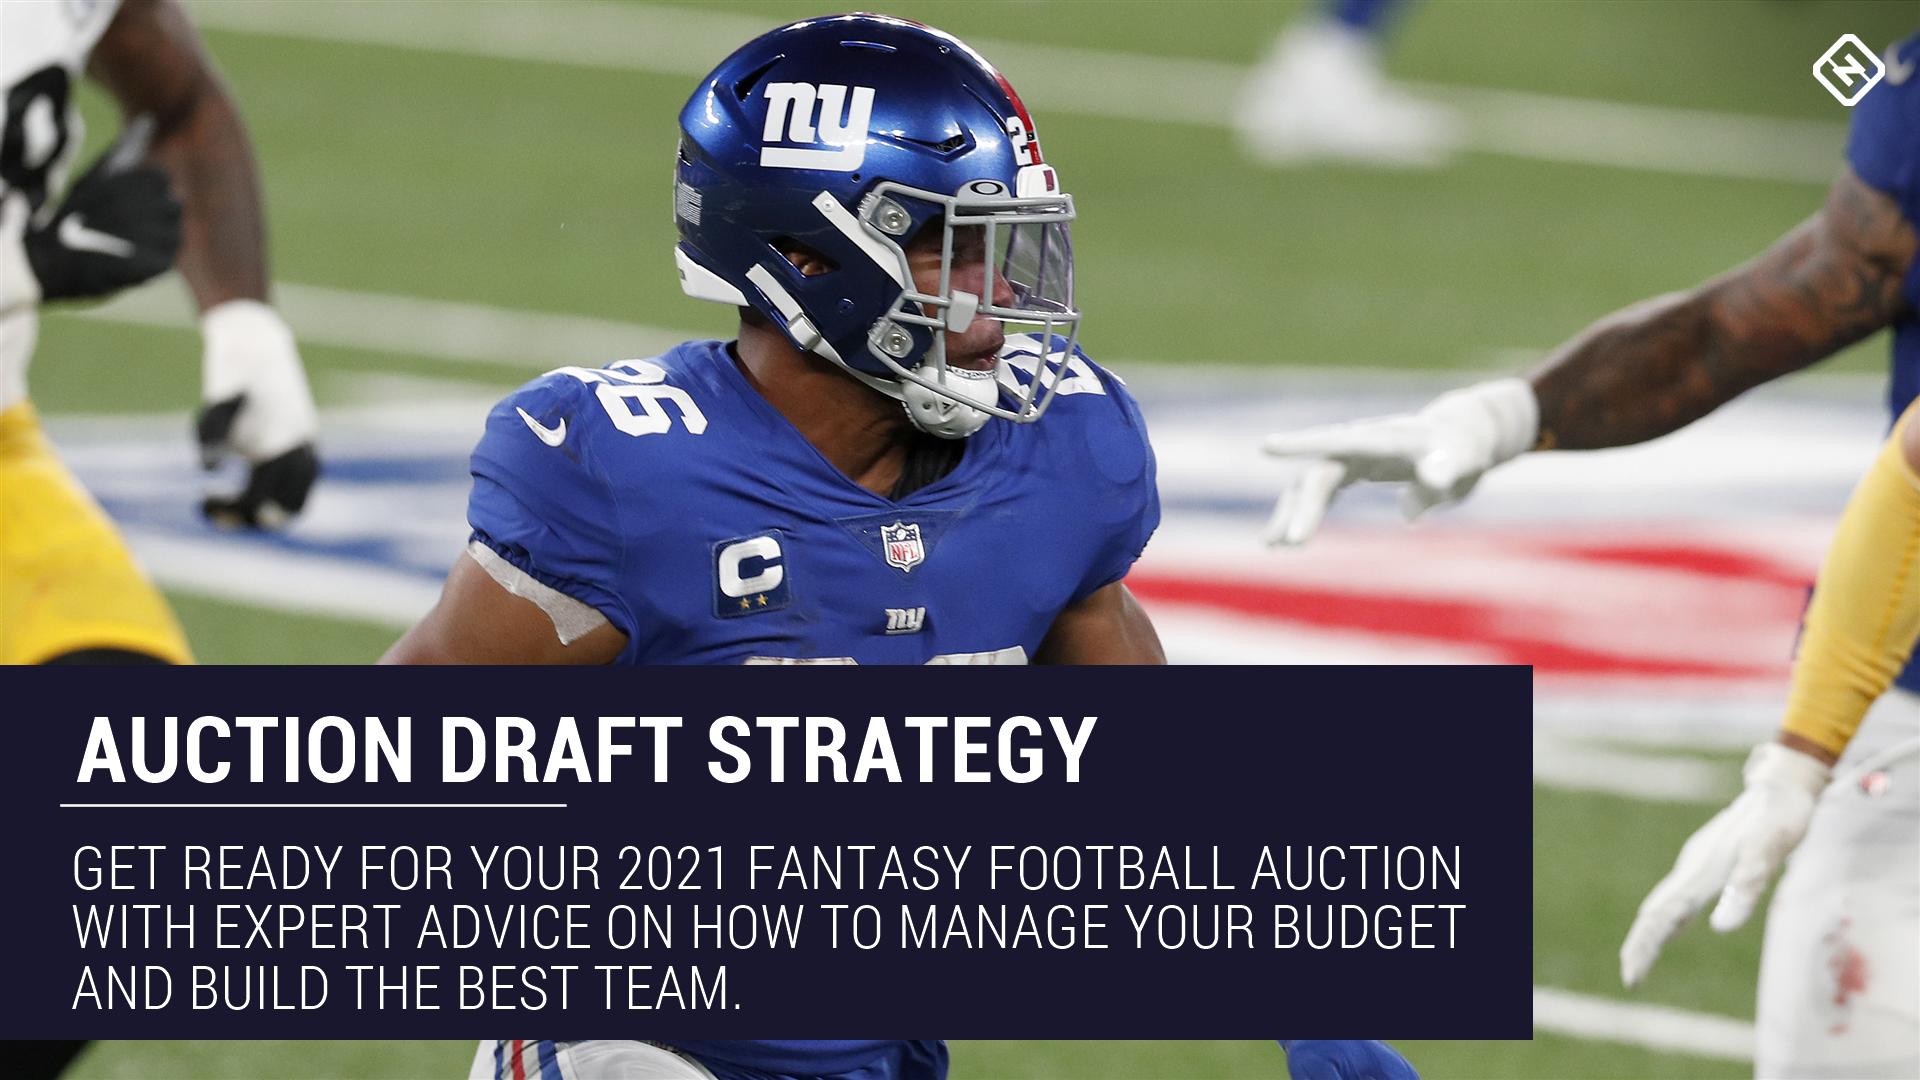 Consejos de subastas de Fantasy Football 2021: los mejores consejos estratégicos para sacar el máximo partido a tu draft